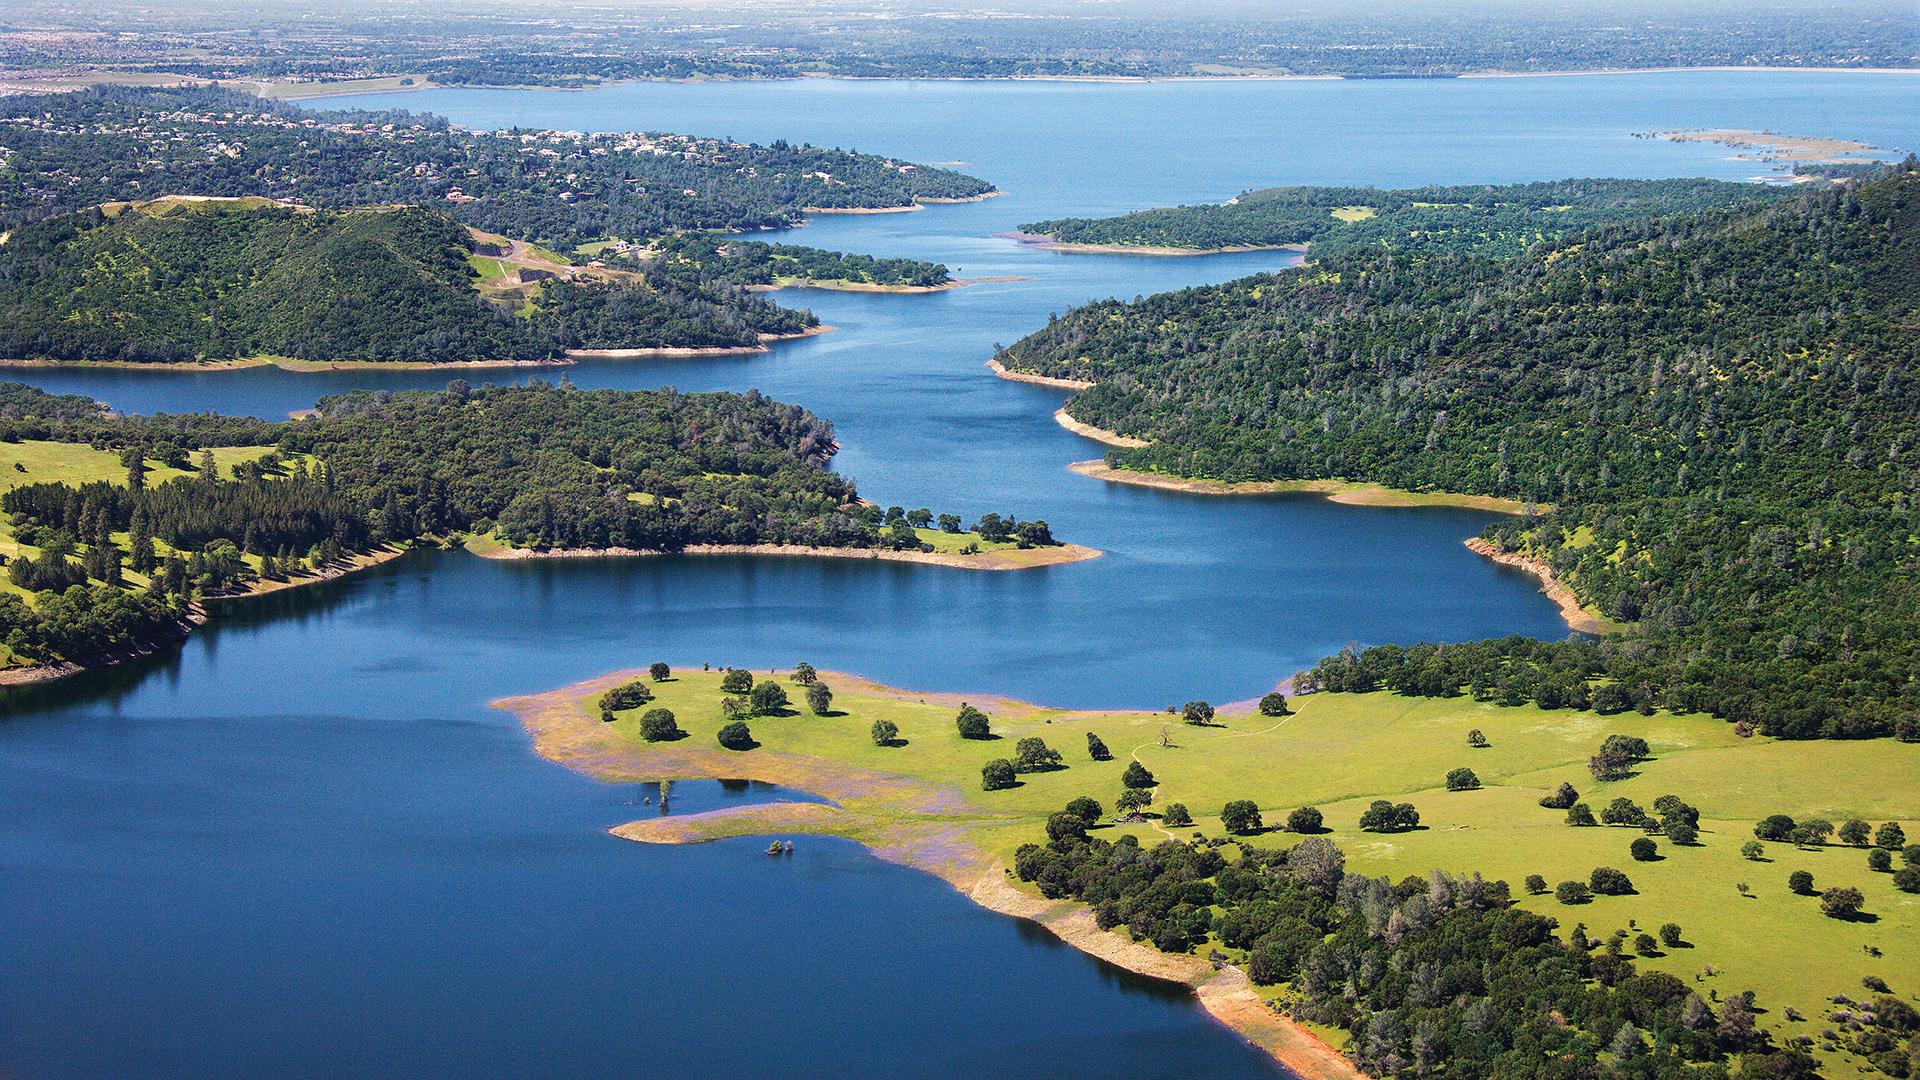 El Dorado Hills Ca New Homes For Sale Villa Lago At The